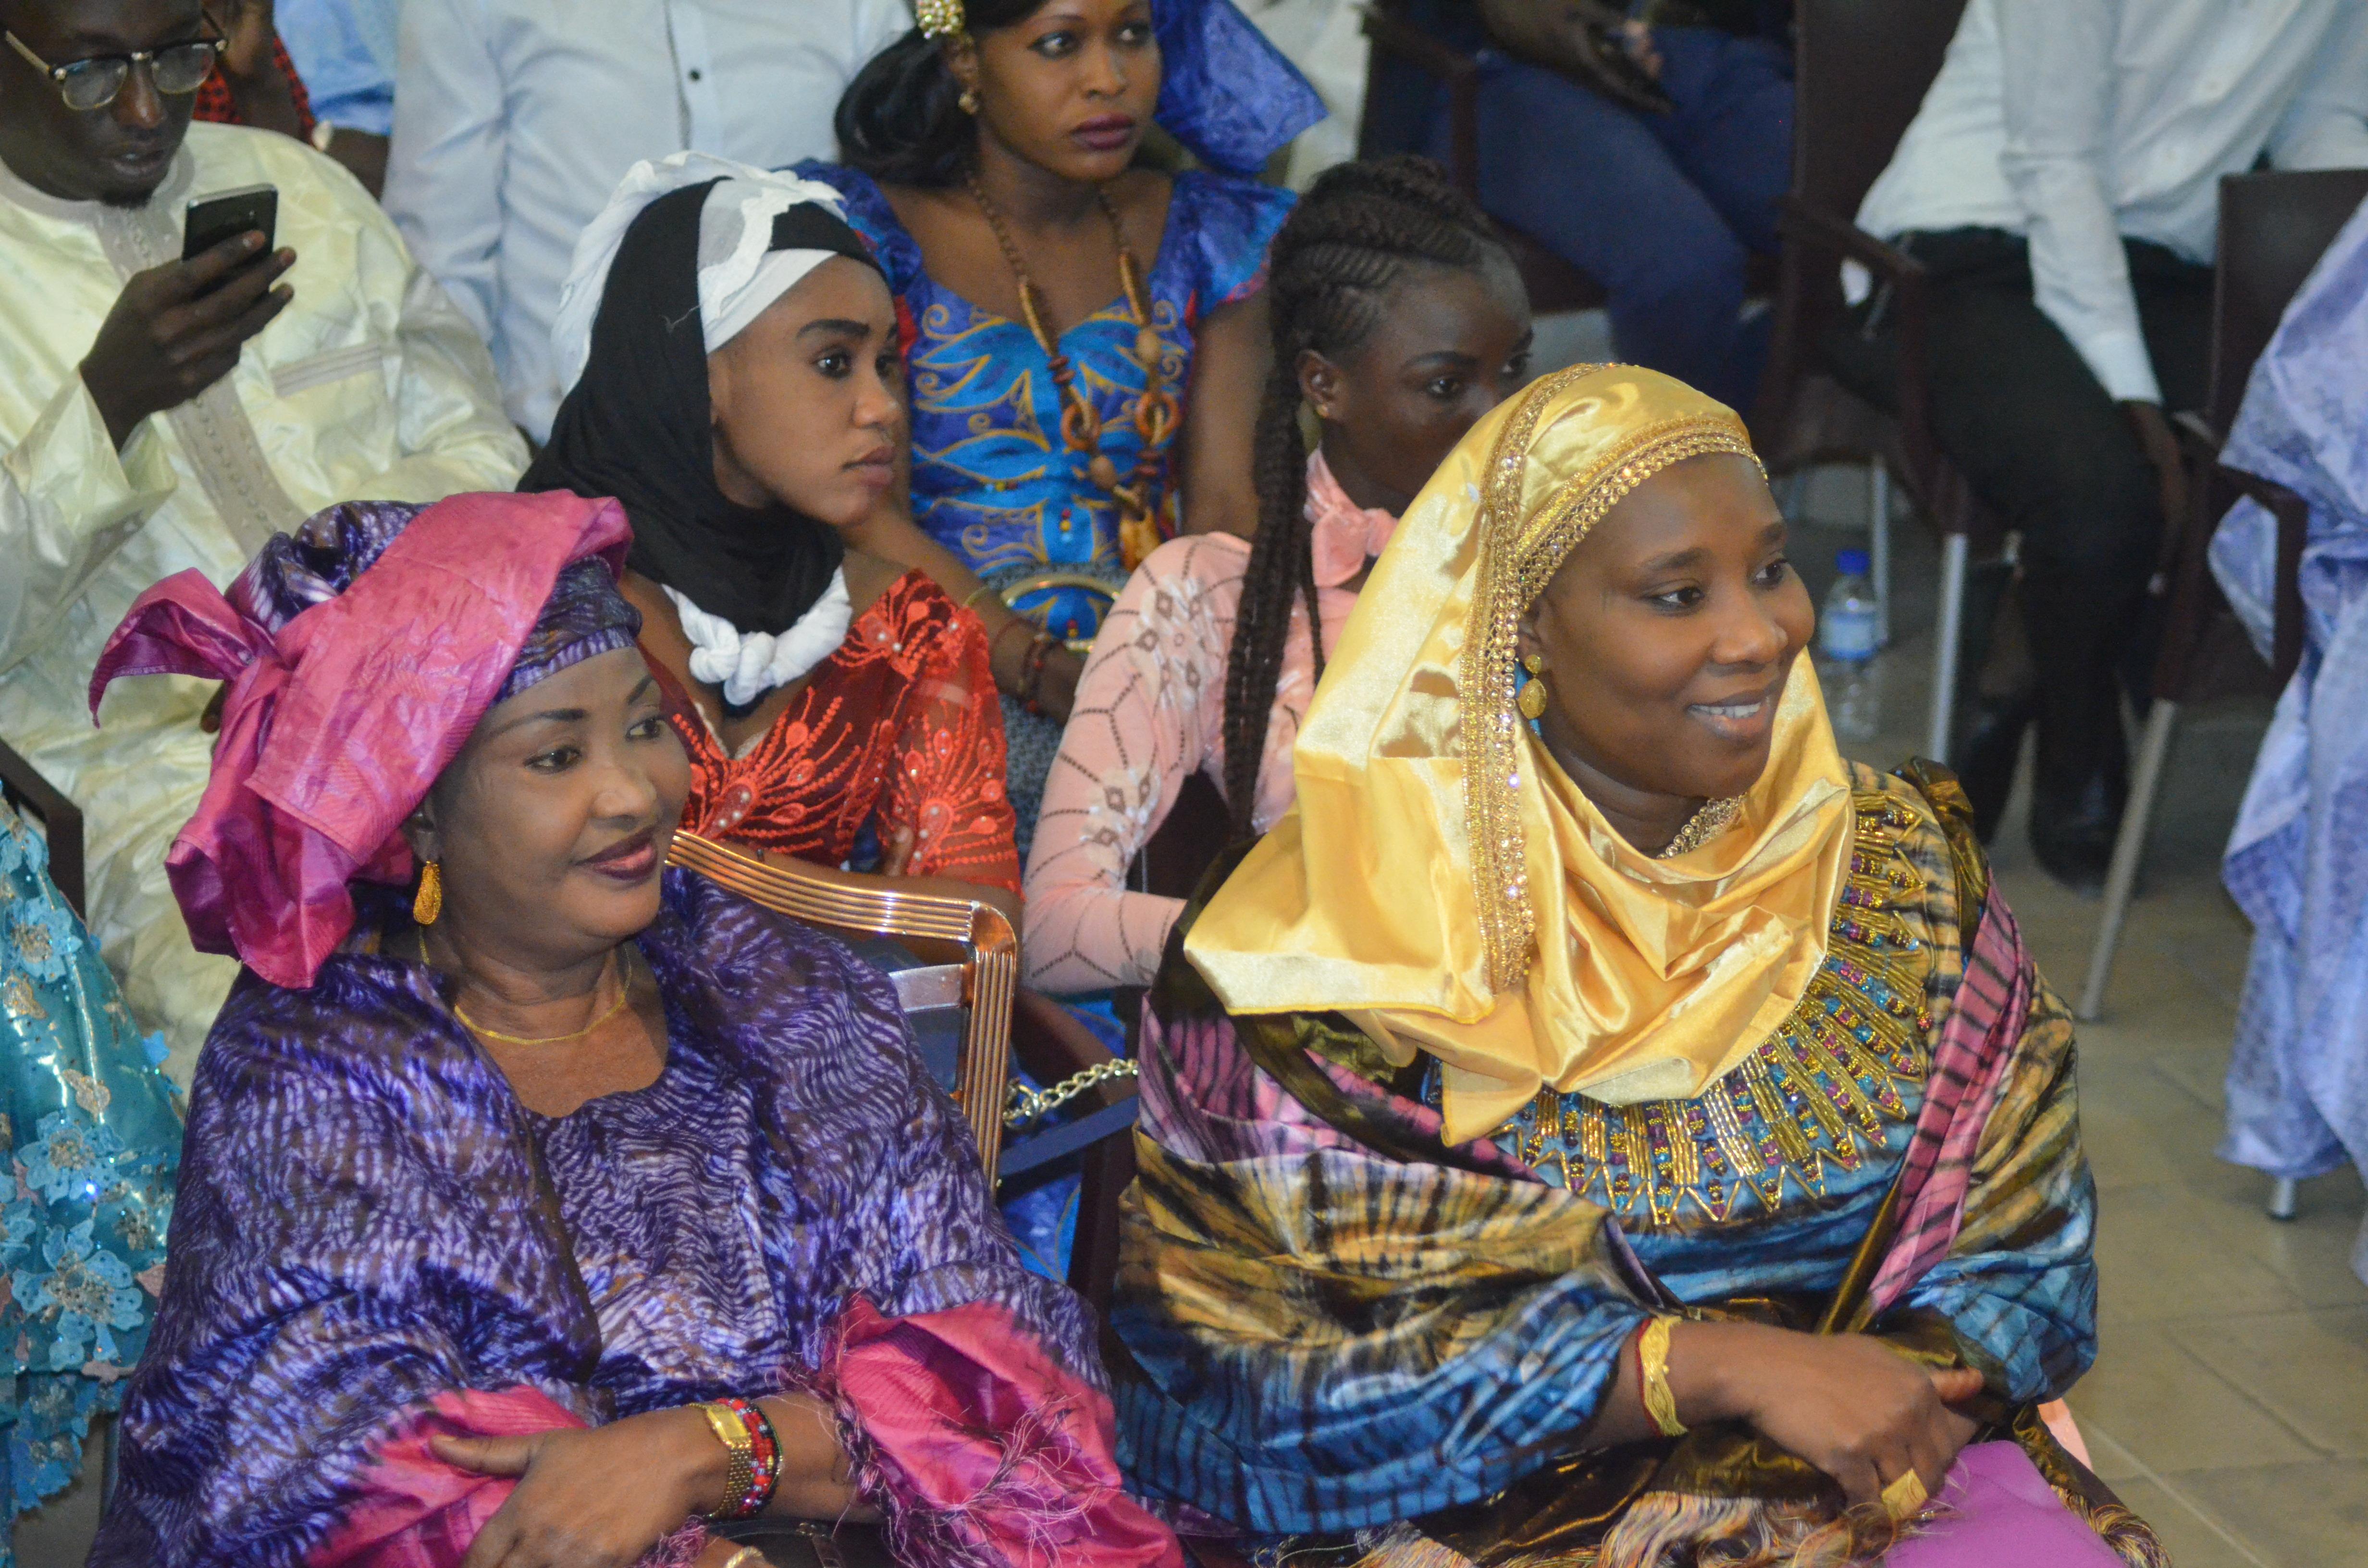 Première Edition soirée culturelle de l'Association Boyinadji Ma fierté de Bokidiawé, le parrain Bocar Abdoulaye Ly appelle à l'union des cœurs (1)